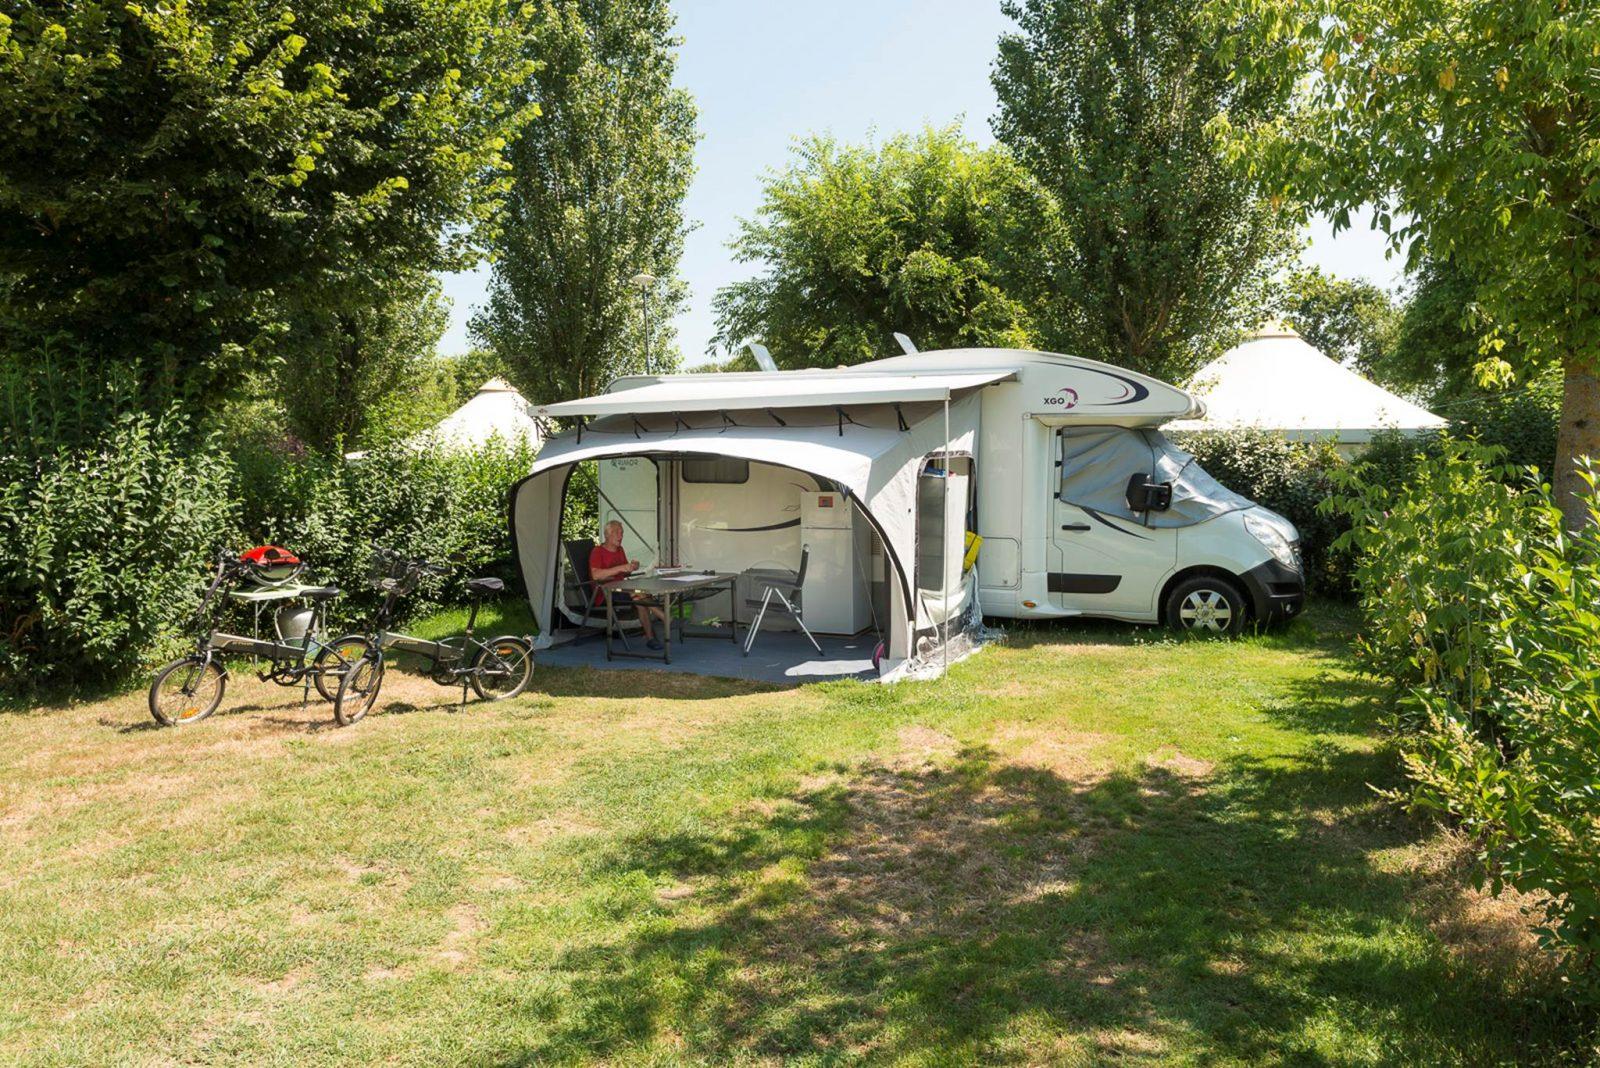 camping les rives de vilaine- barrage d'arzal- pénestin-la roche bernard – morbihan sud – bretagne